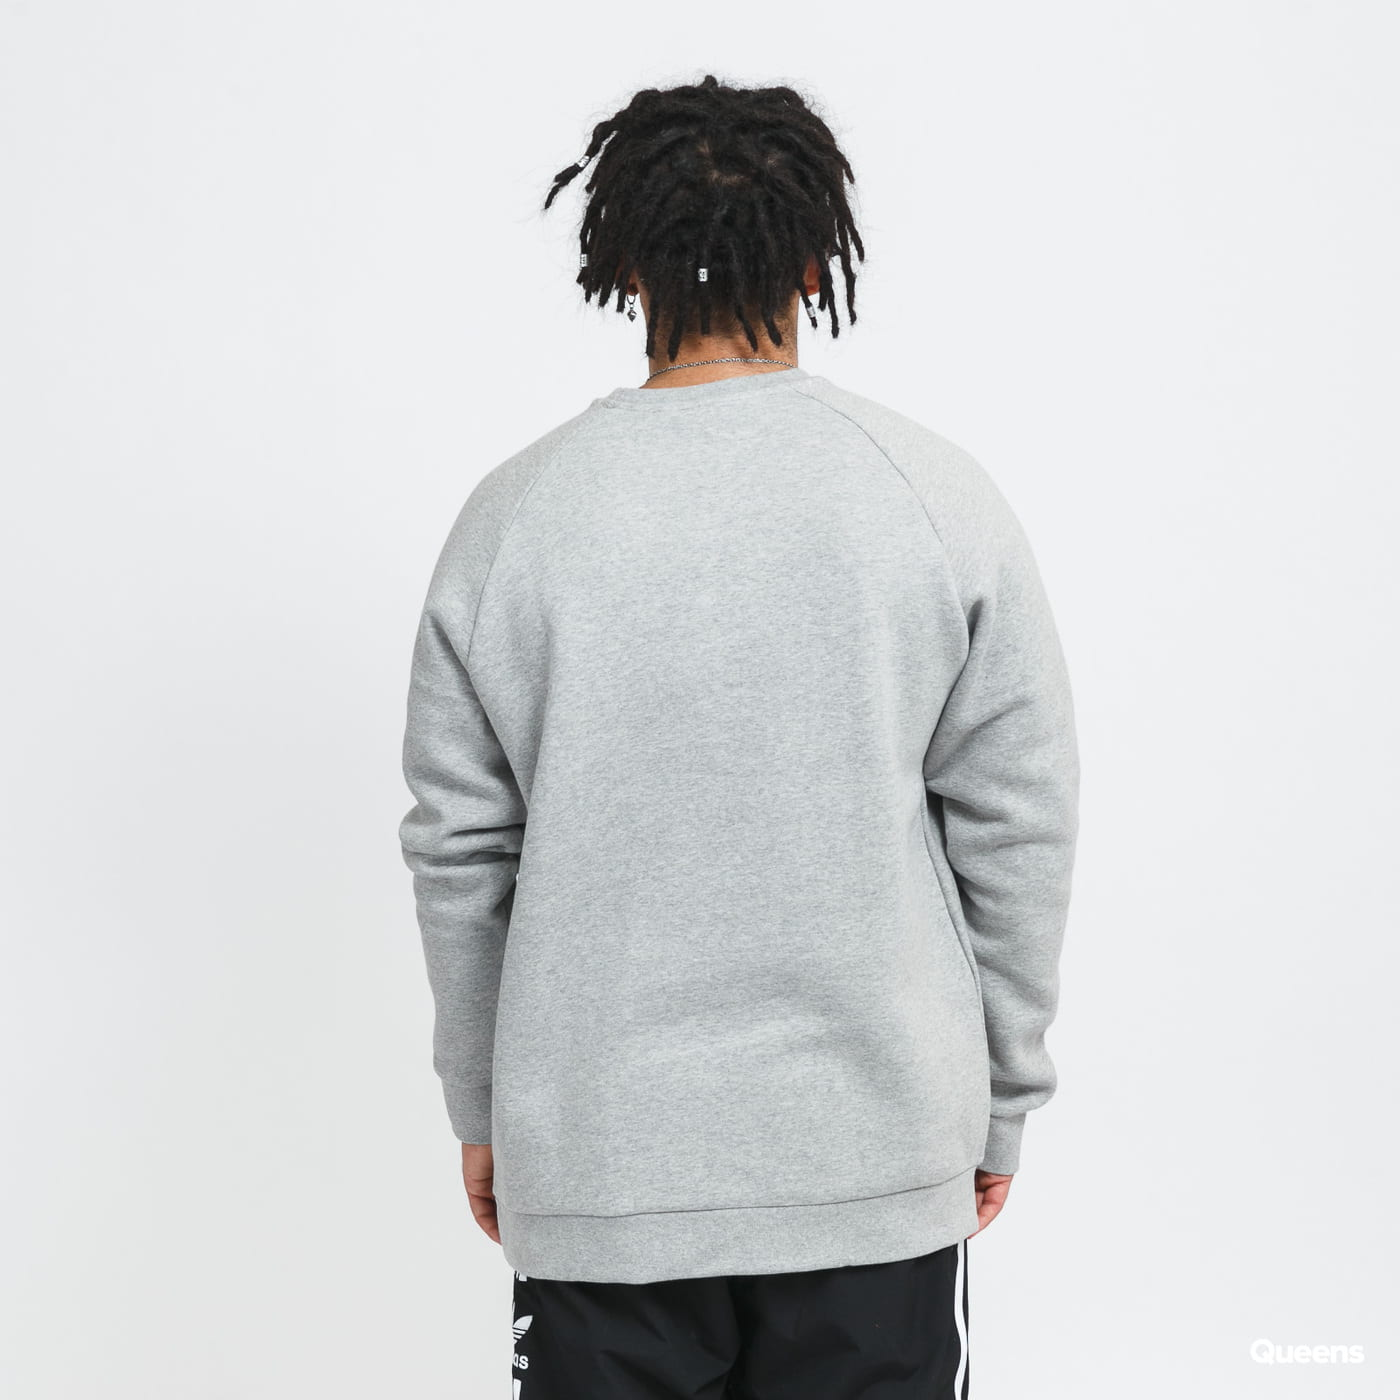 adidas Originals Essential Crew melange gray